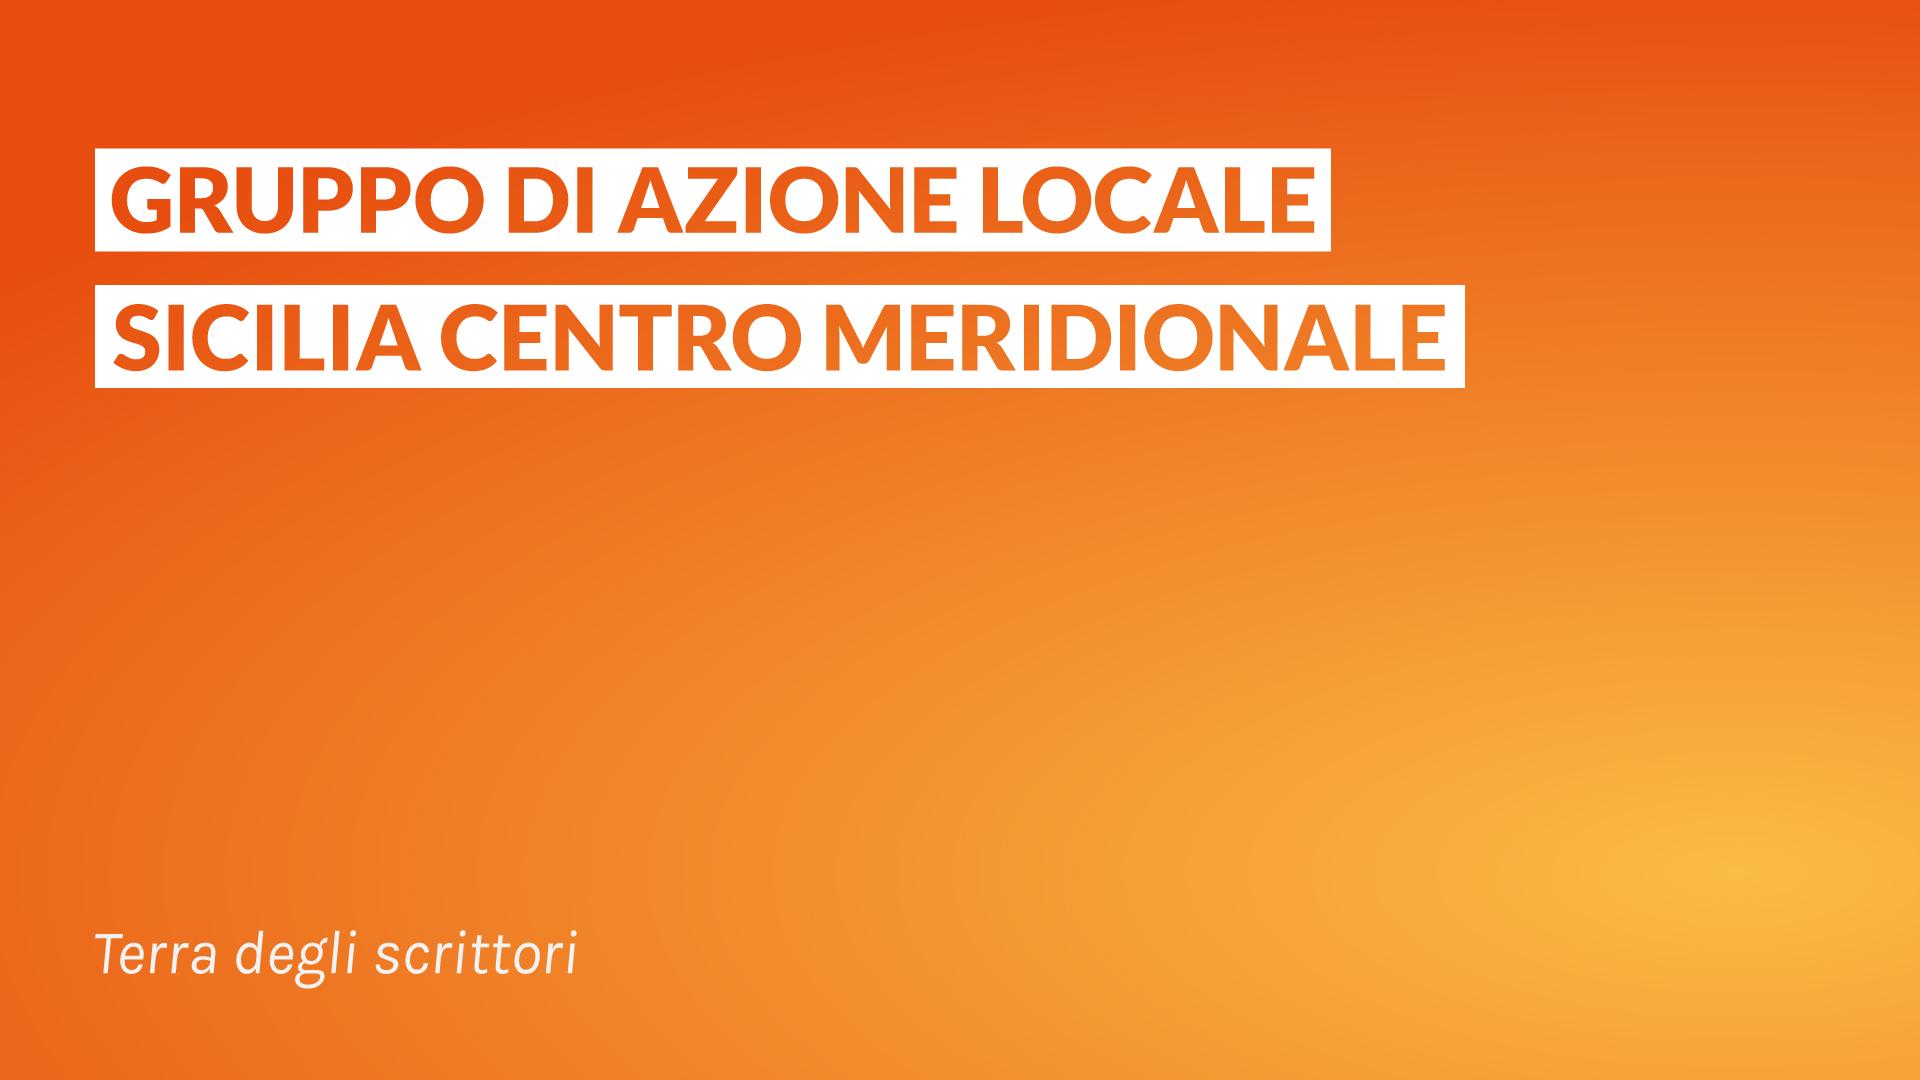 """Bando 6.4 c Ambito 1 PAL """"Distretto Rurale Sicilia Centro Meridionale"""". Avvio procedimento amministrativo domande di aiuto comma 3 art. 8 Legge 241 del 07/08/1990, L.R. n. 10 del 30/04/1991, 05/2011 e s.m.i"""